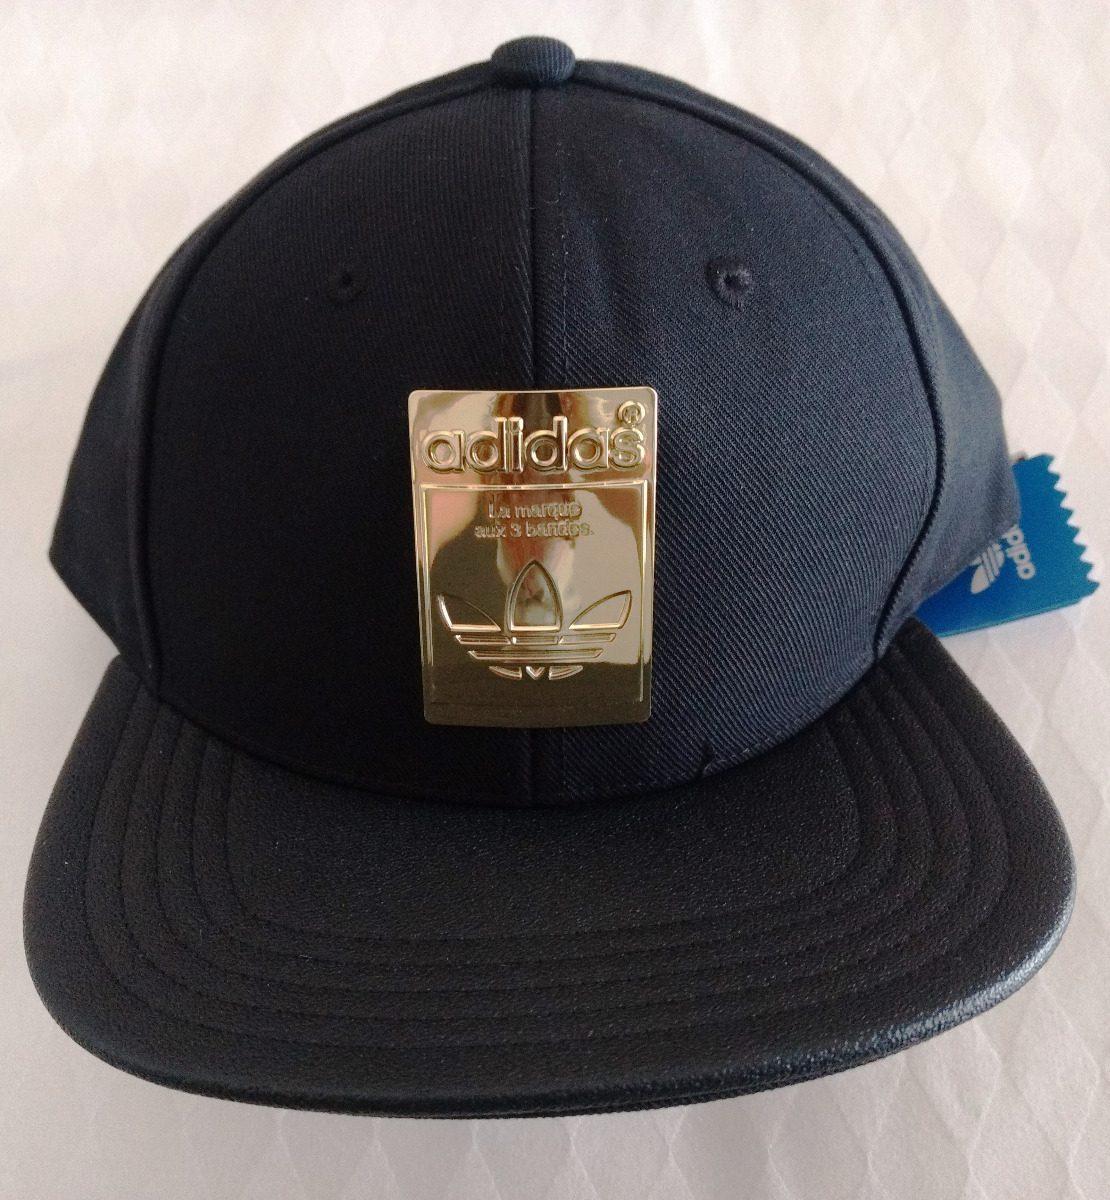 adidas originals gorro visera 100% originales importados. Cargando zoom. 569496bc402